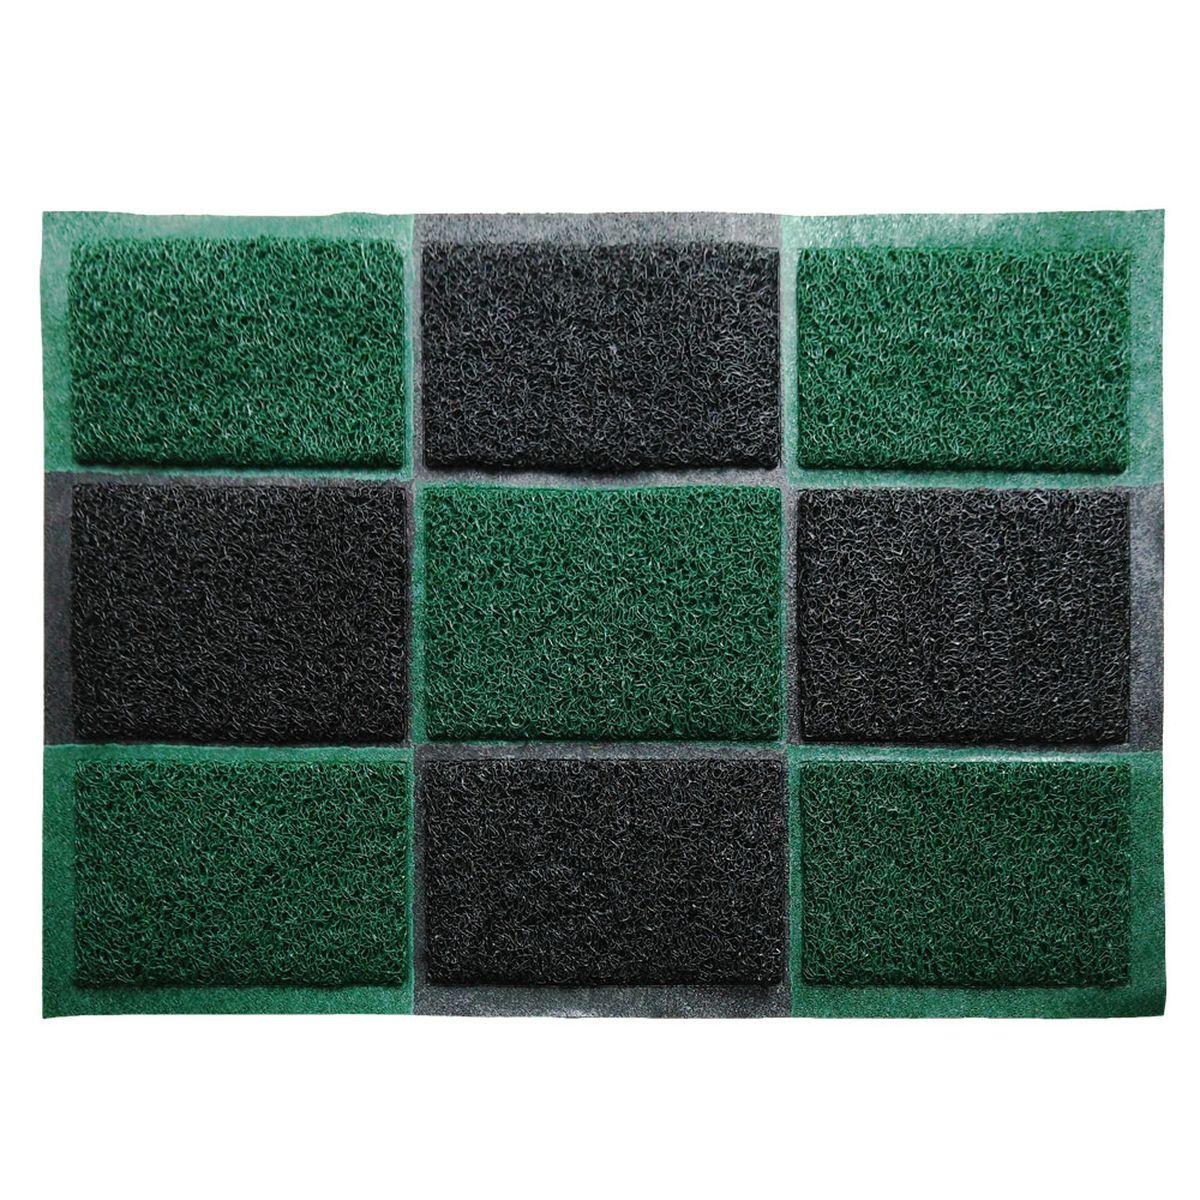 Коврик придверный Vortex, пористый, цвет: черный, зеленый, 40 х 60 см коврик придверный sunstep грязесборный 60 х 40 см